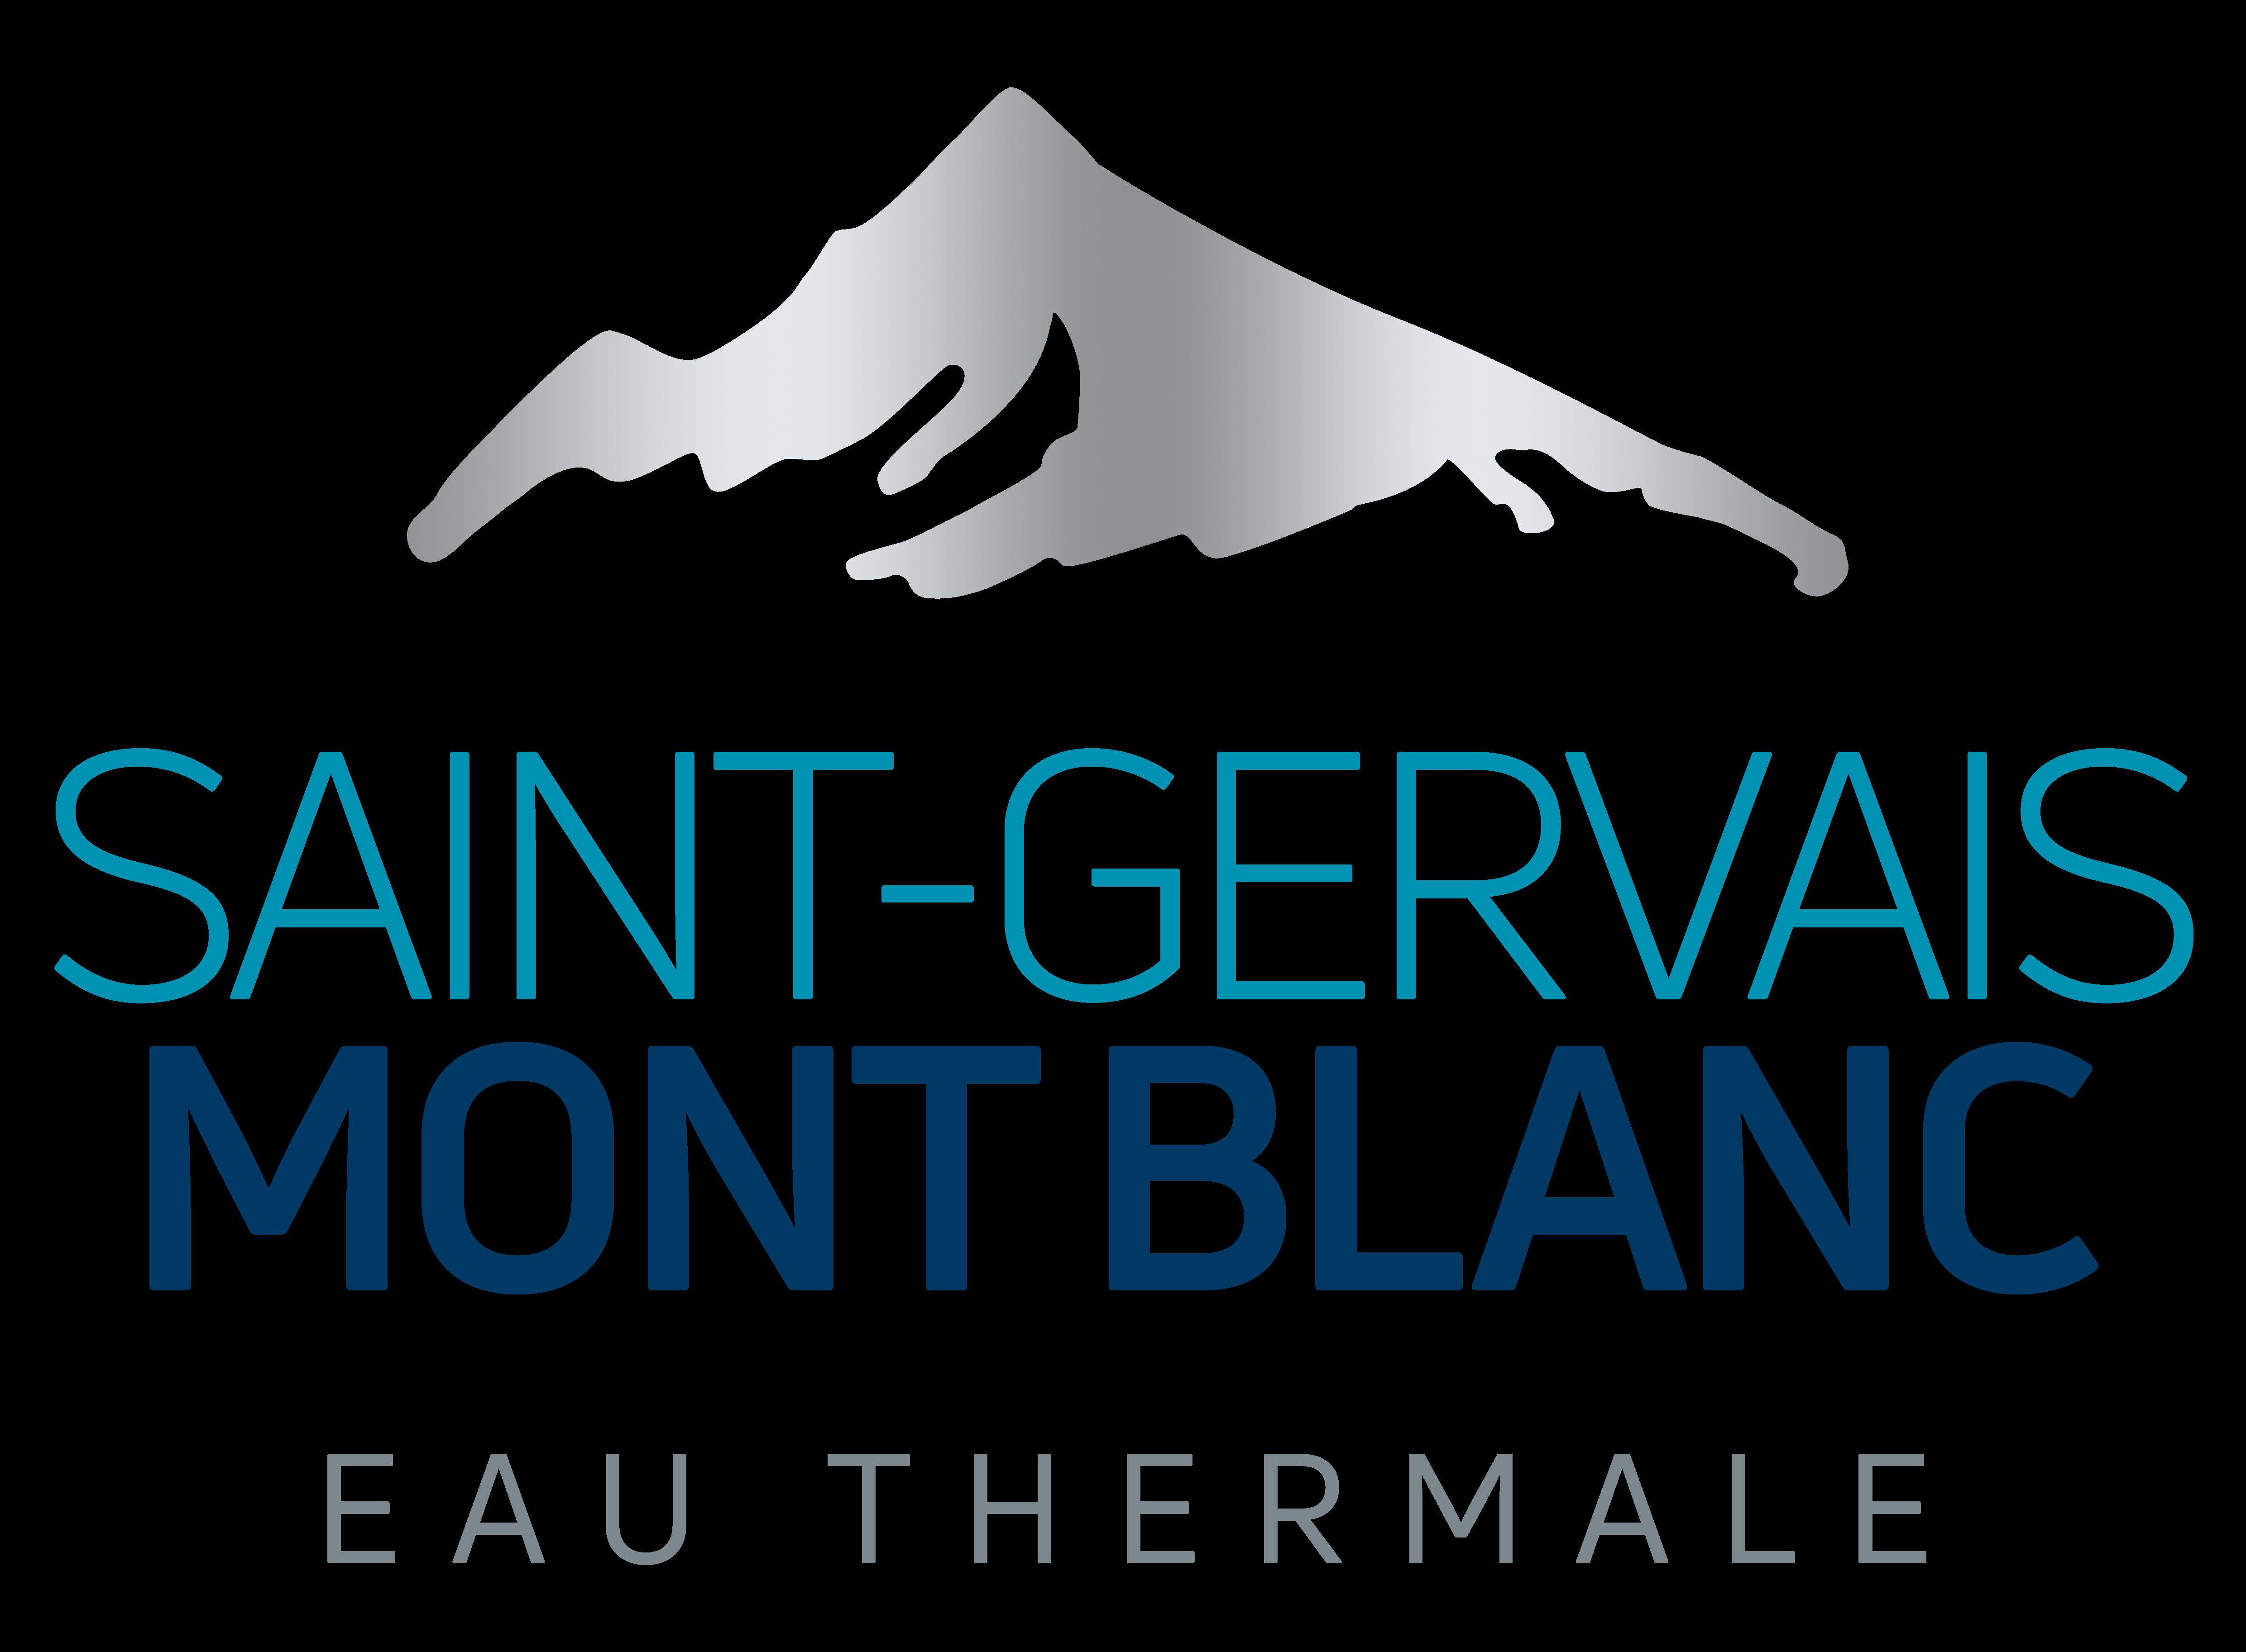 saint_gervais_mont_blanc